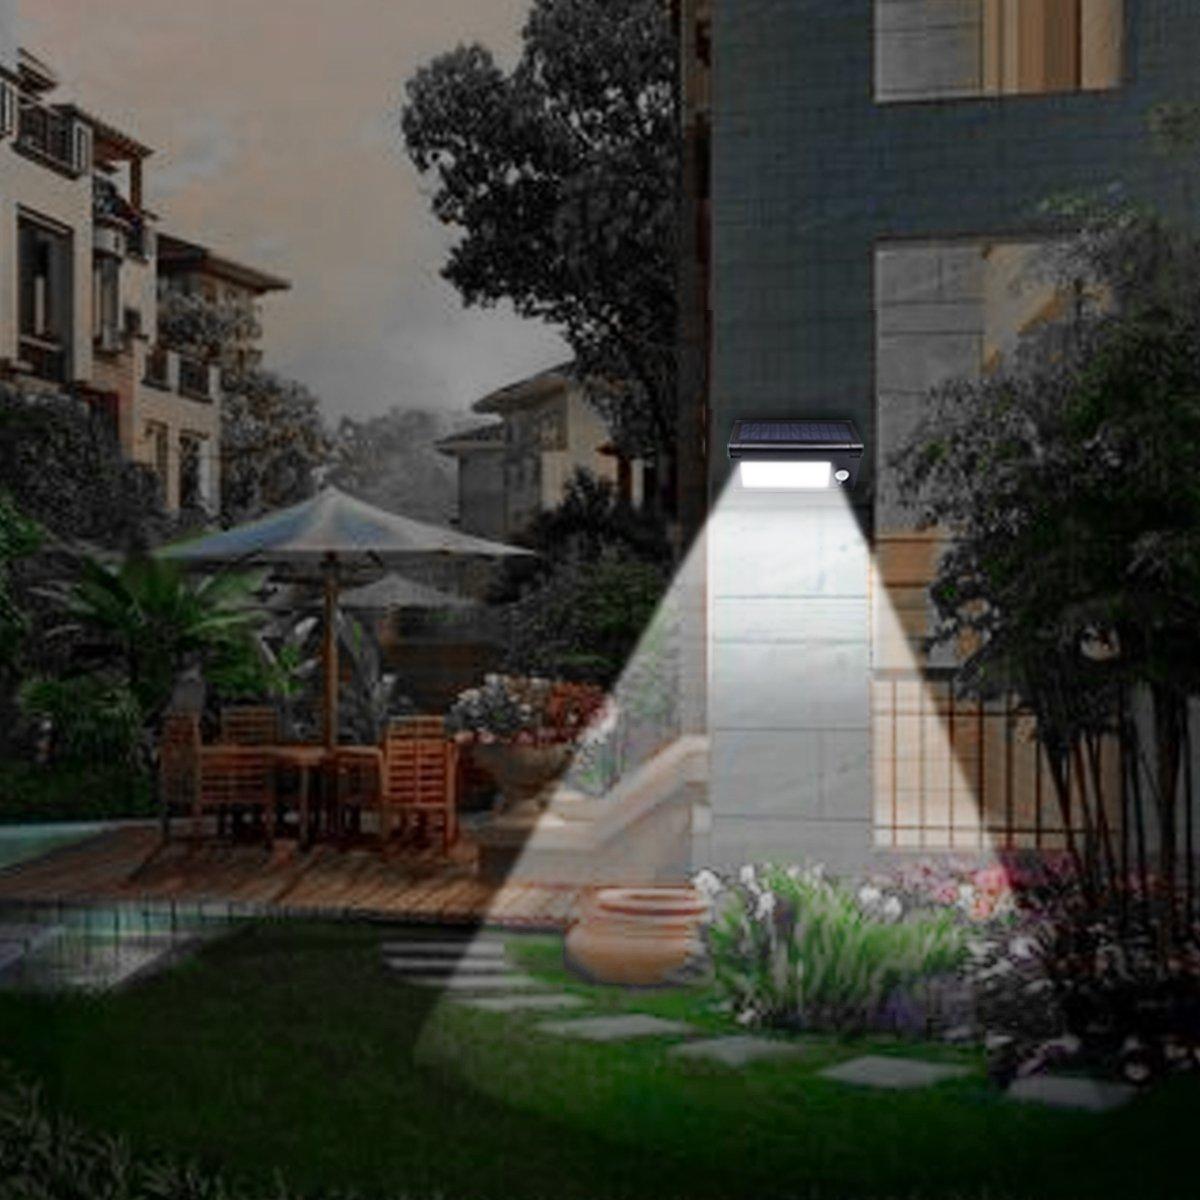 Modos de Luz Solar Do Jardim Levou